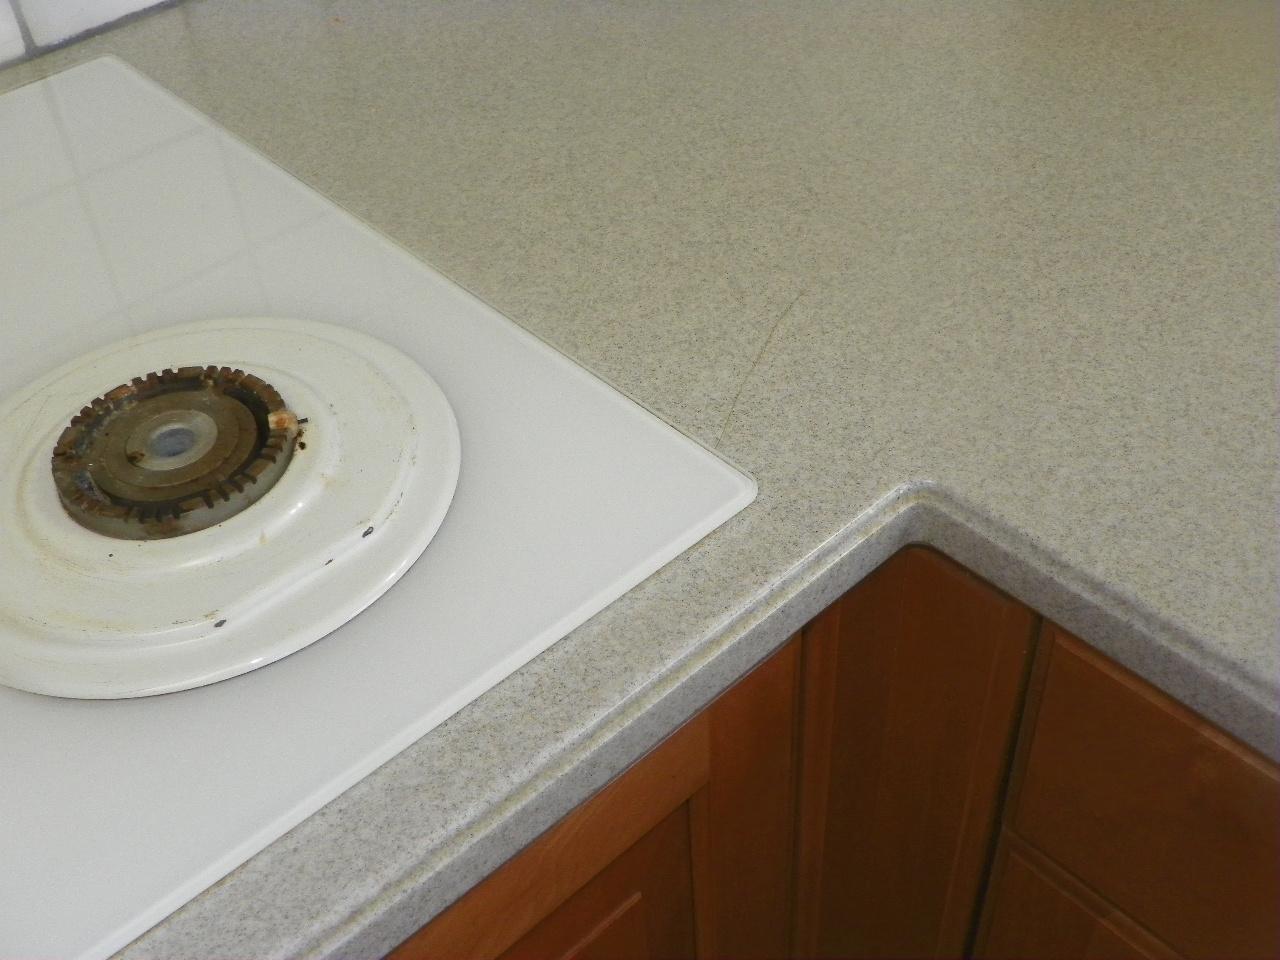 ... Stone Countertop Repair Blog: Corian Countertop Repair. Greensboro NC